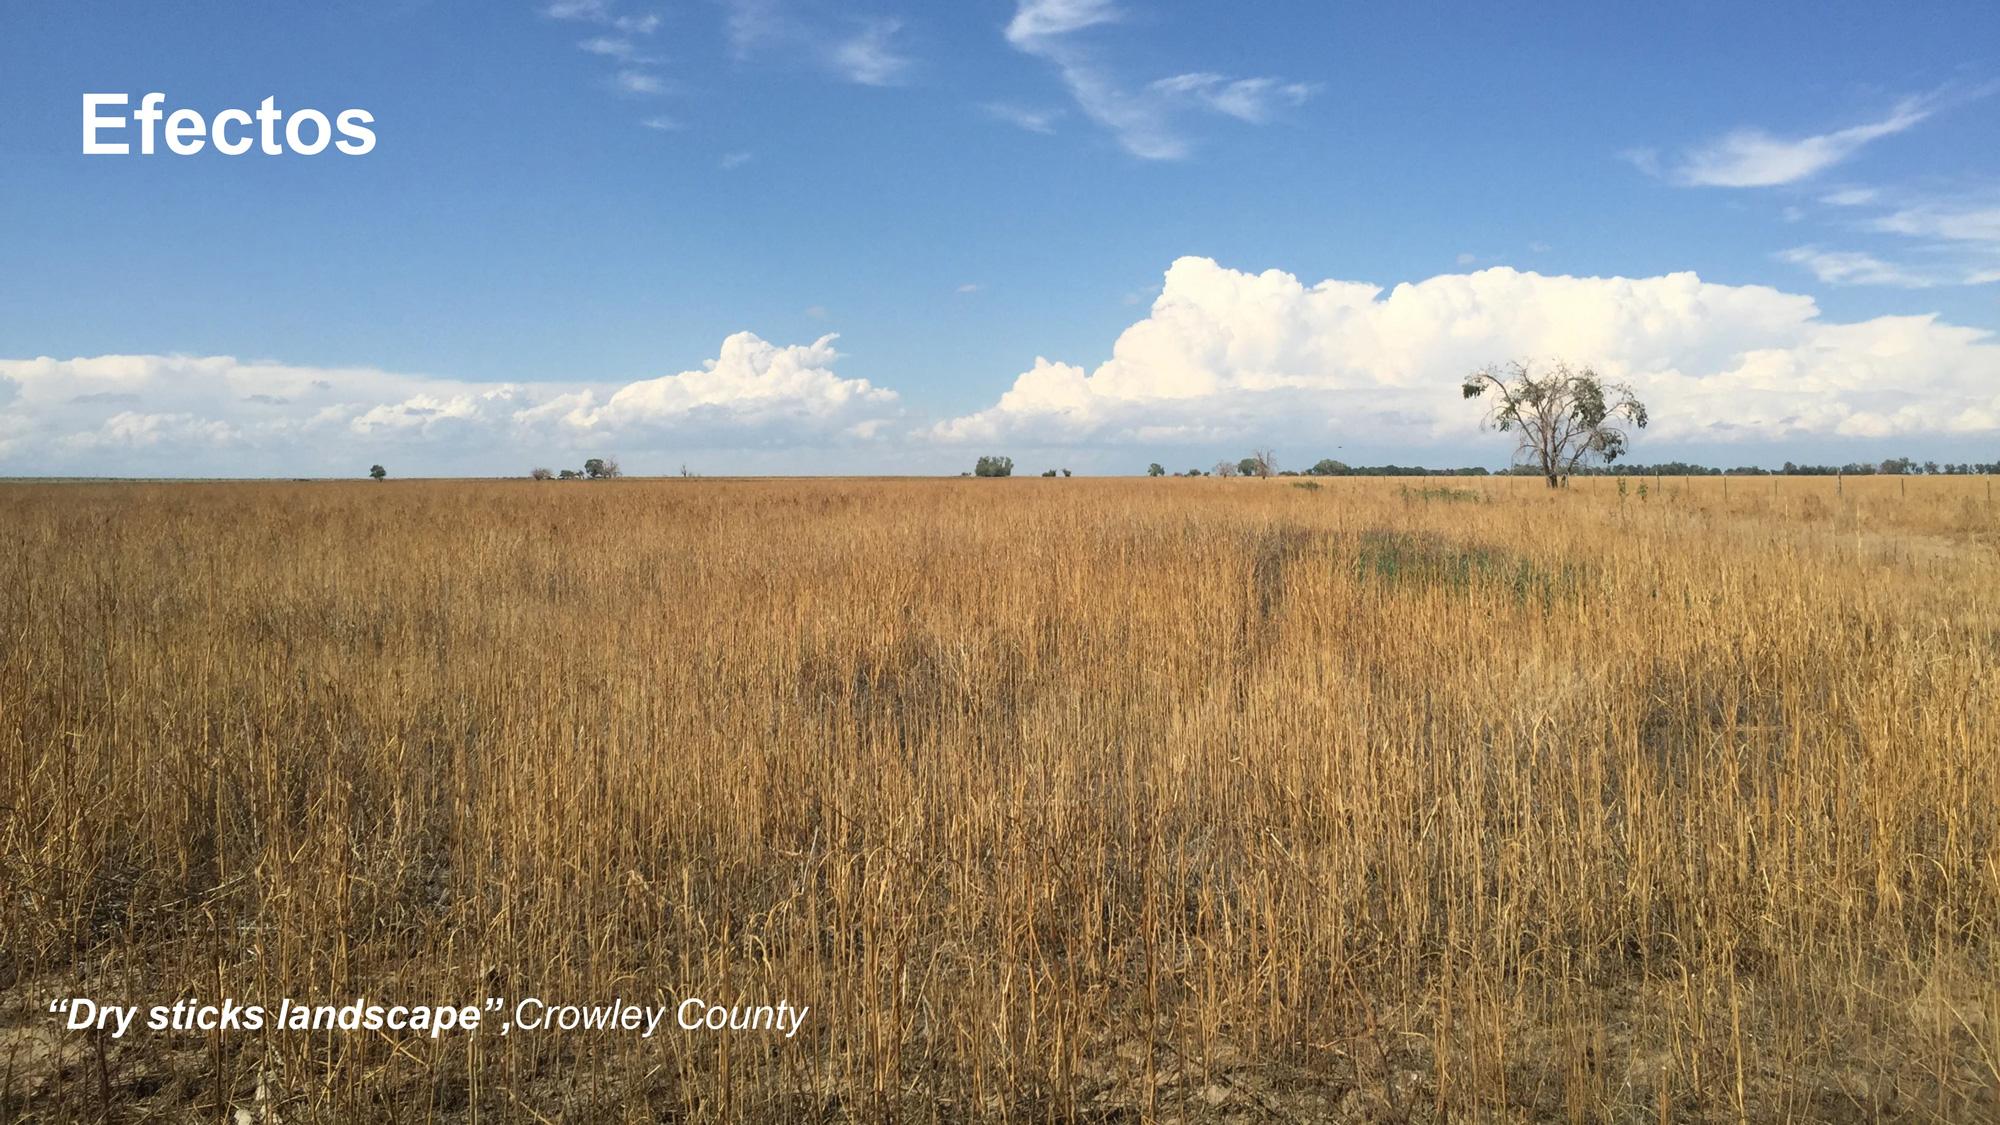 (3)-Efectos-del-Buy-and-Dry-en-el-paisaje-agrícola-©-Flavio-Sciaraffia-M.-para-LOFscapes.jpg